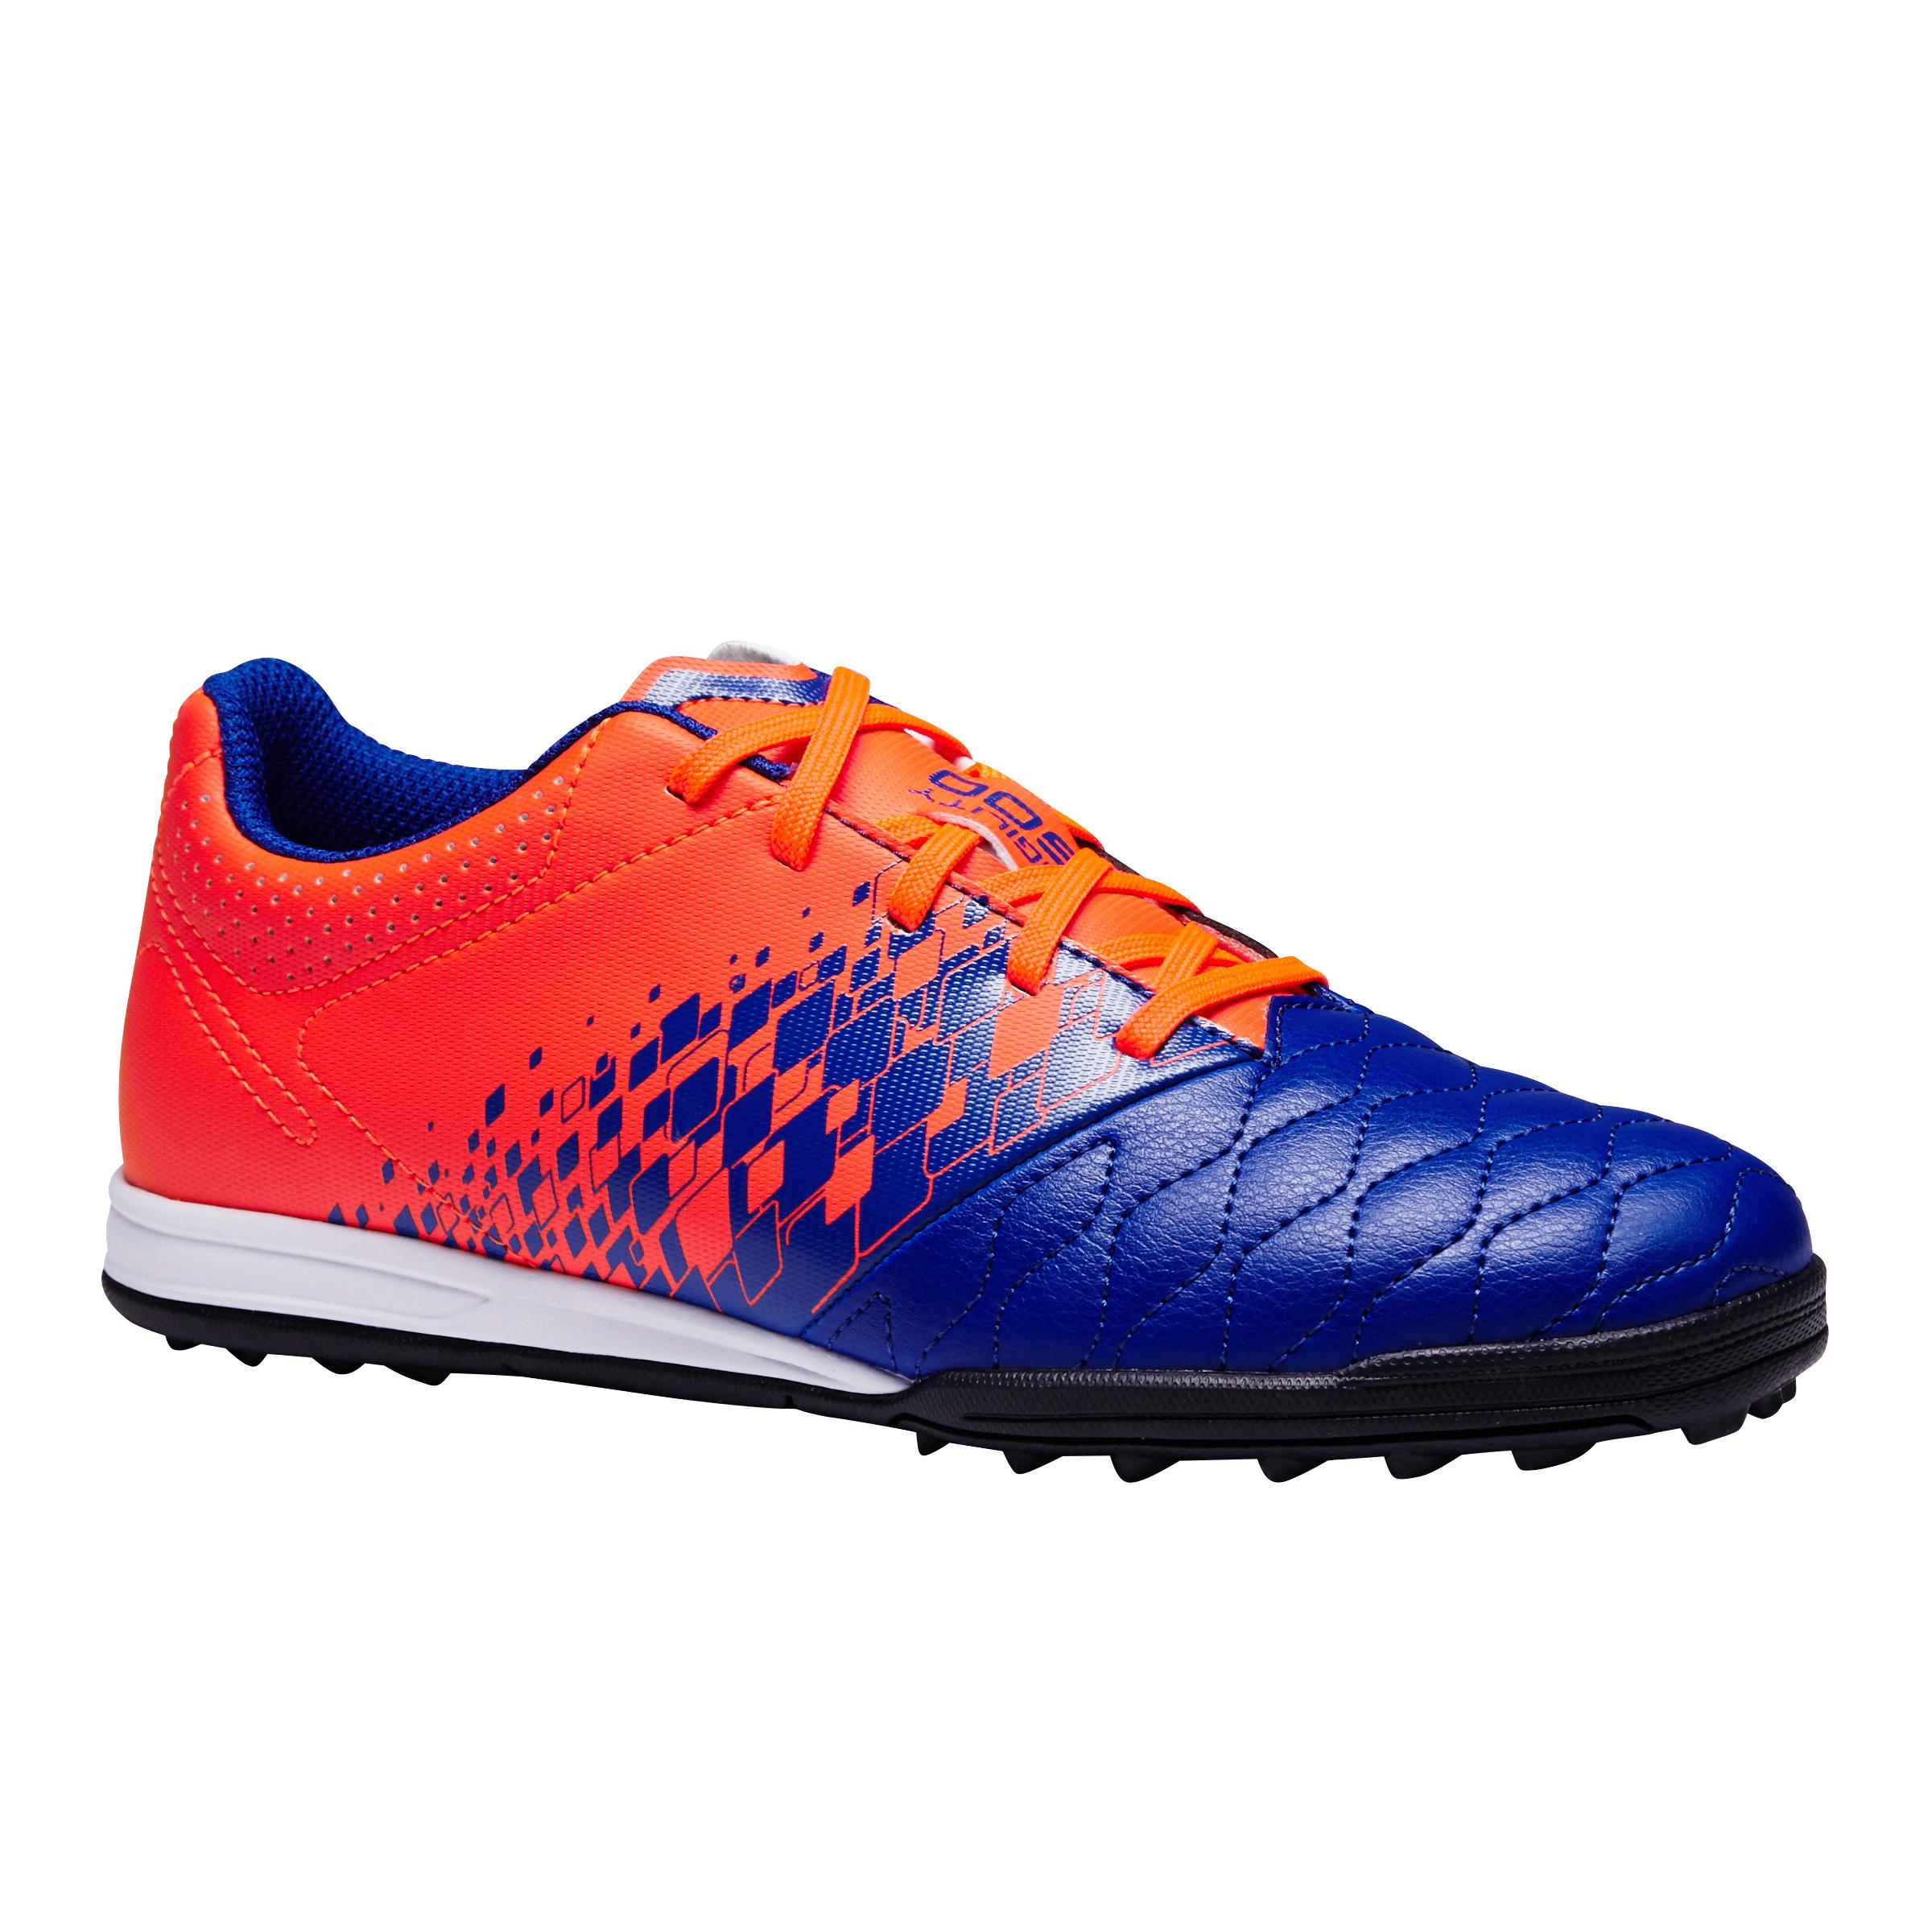 Chaussure de soccer enfant terrain dur Agilité 500 HG bleue orange